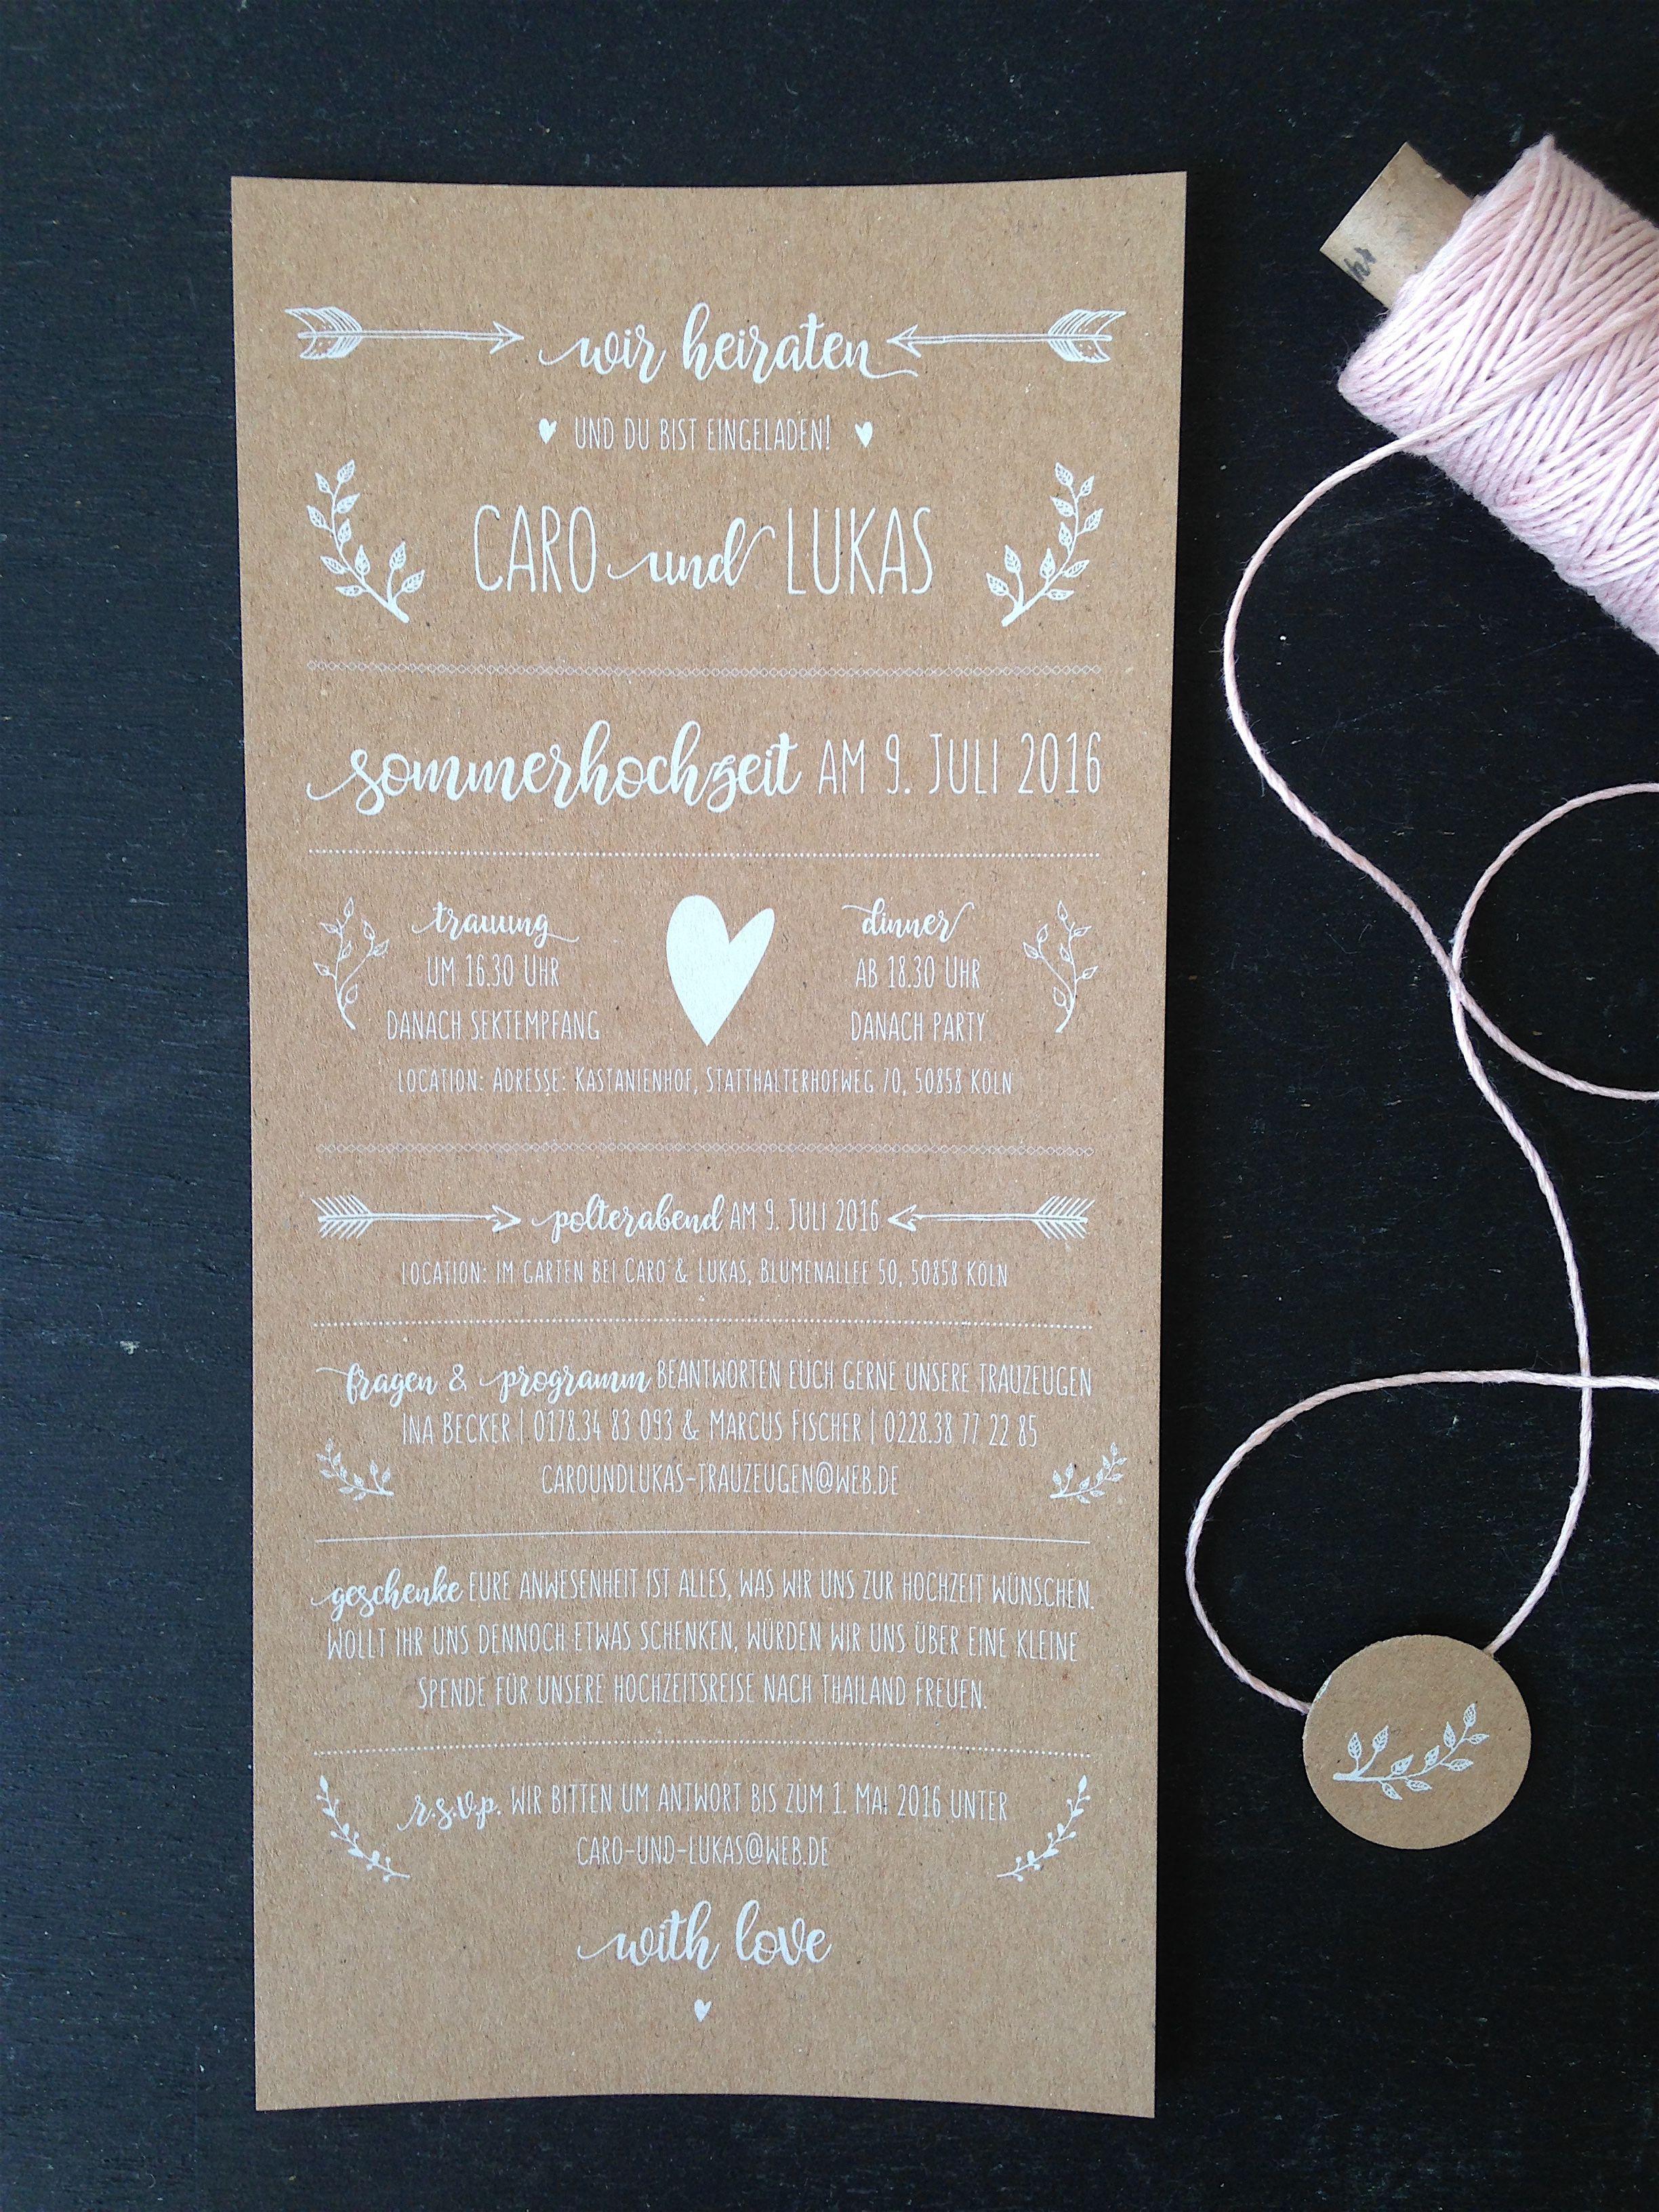 einladungskarten hochzeit : hochzeit einladungskarten - Online ... - 3d Einladungskarten Hochzeit